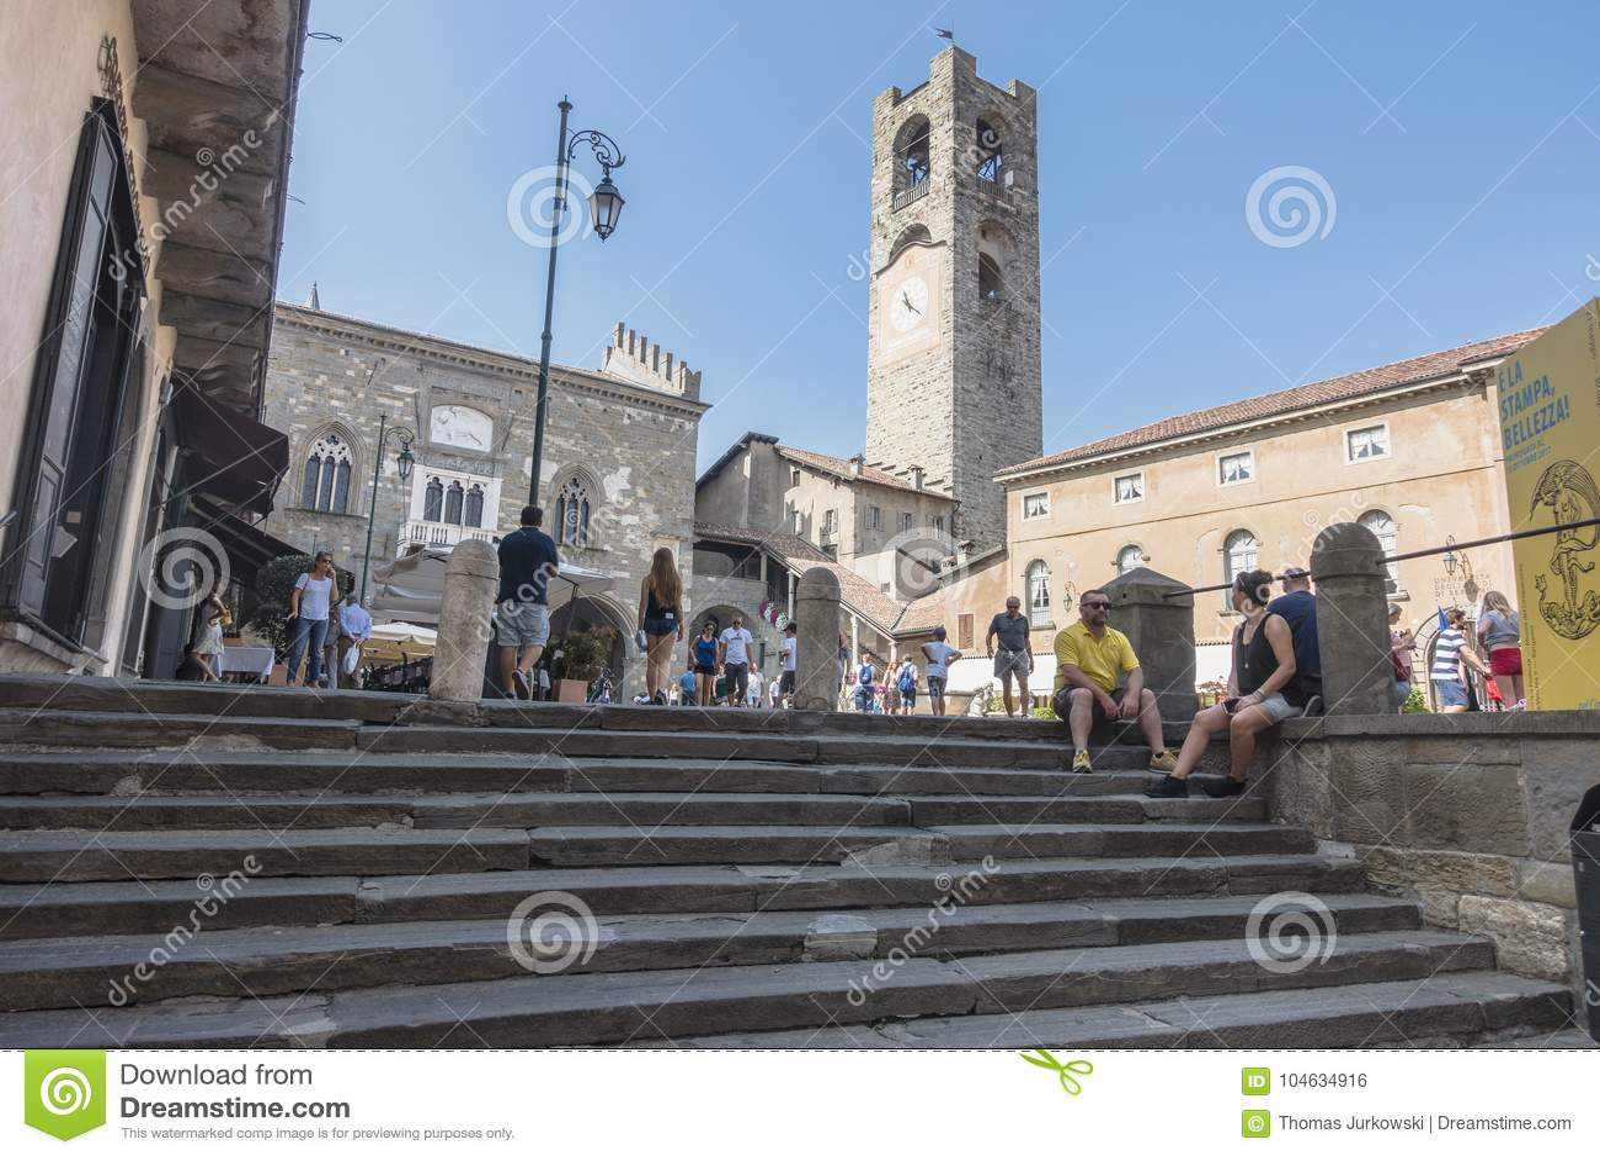 Download De Oude stad van Bergamo redactionele foto. Afbeelding bestaande uit cultuur - 104634916